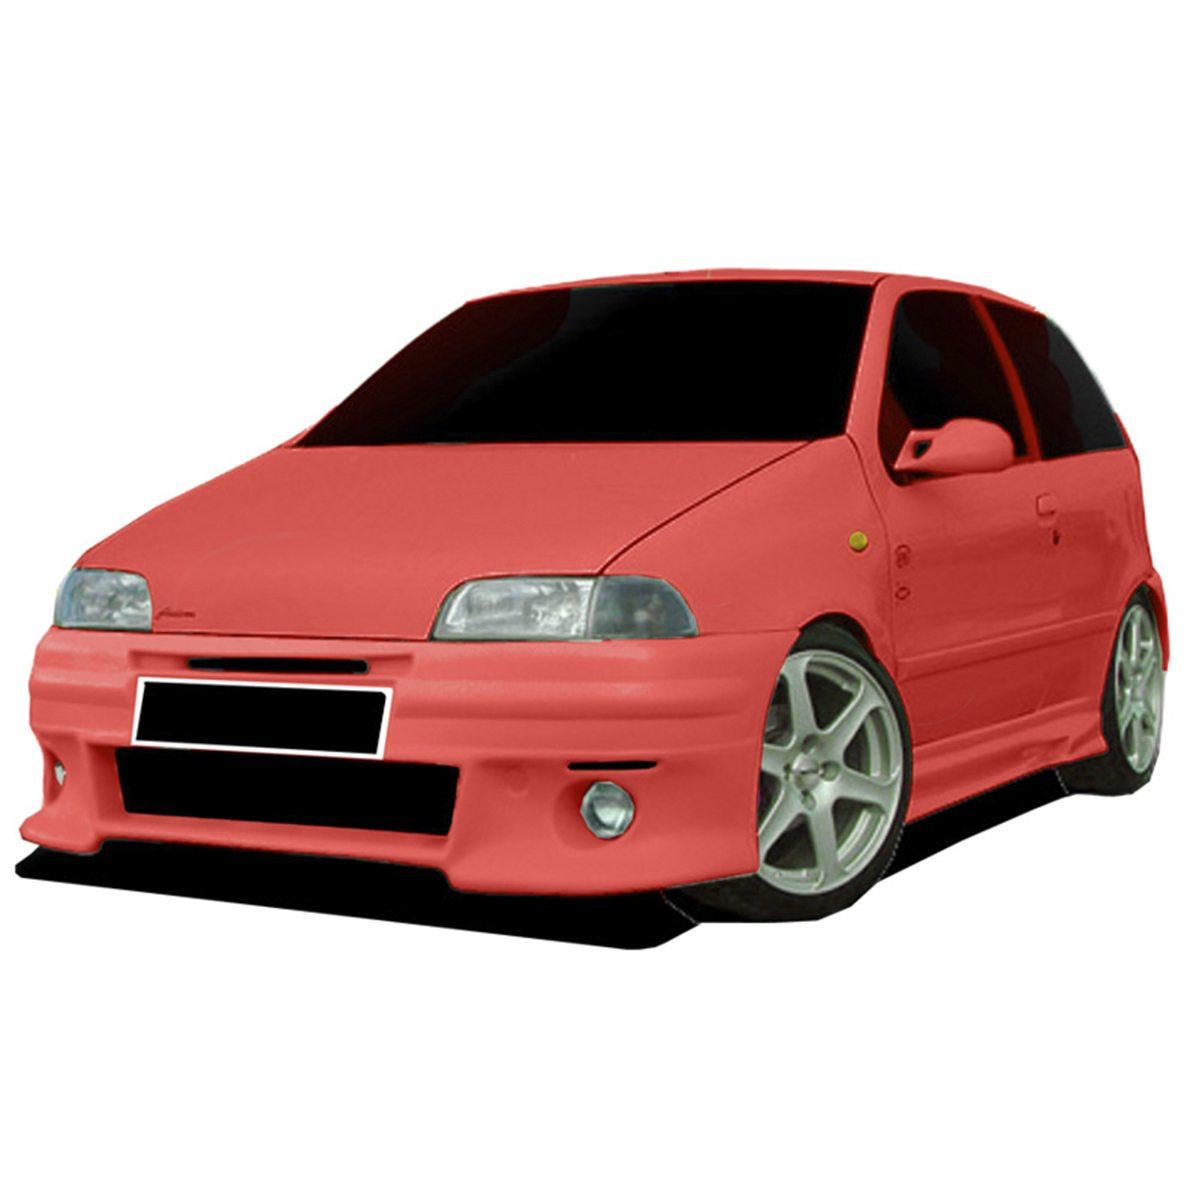 Fiat-Punto-Spyder-Frt-SPA013-1